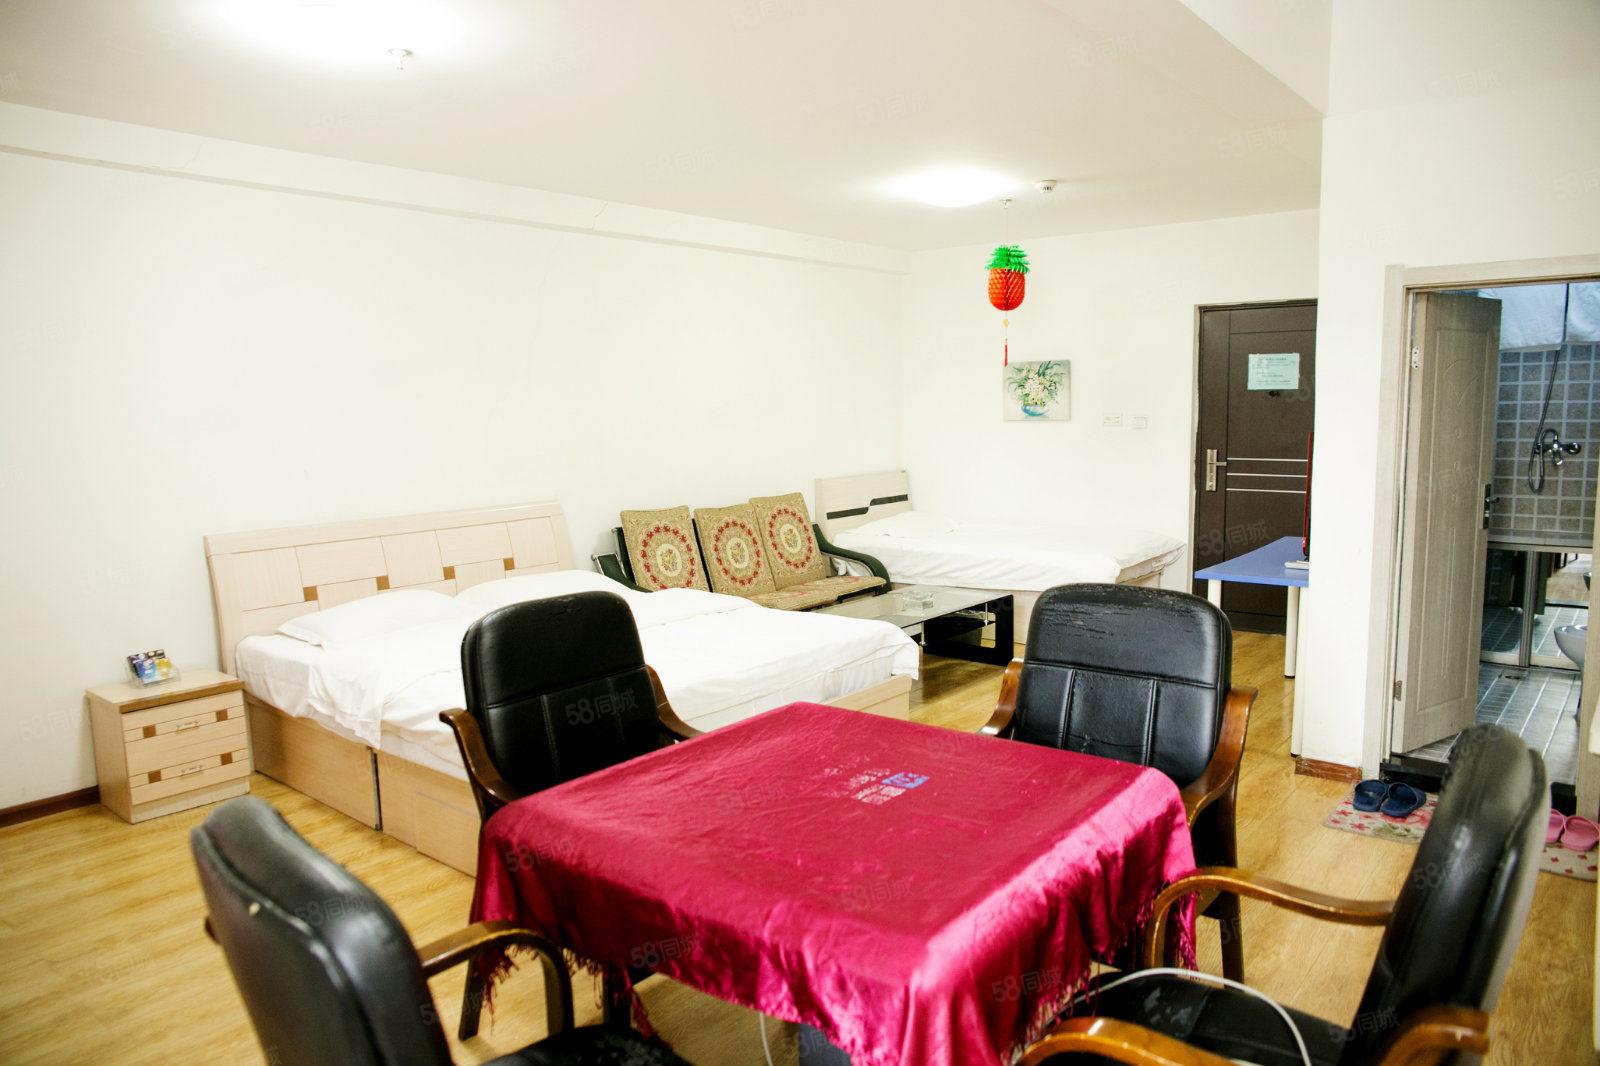 白领公寓,日租房,安全干净舒适